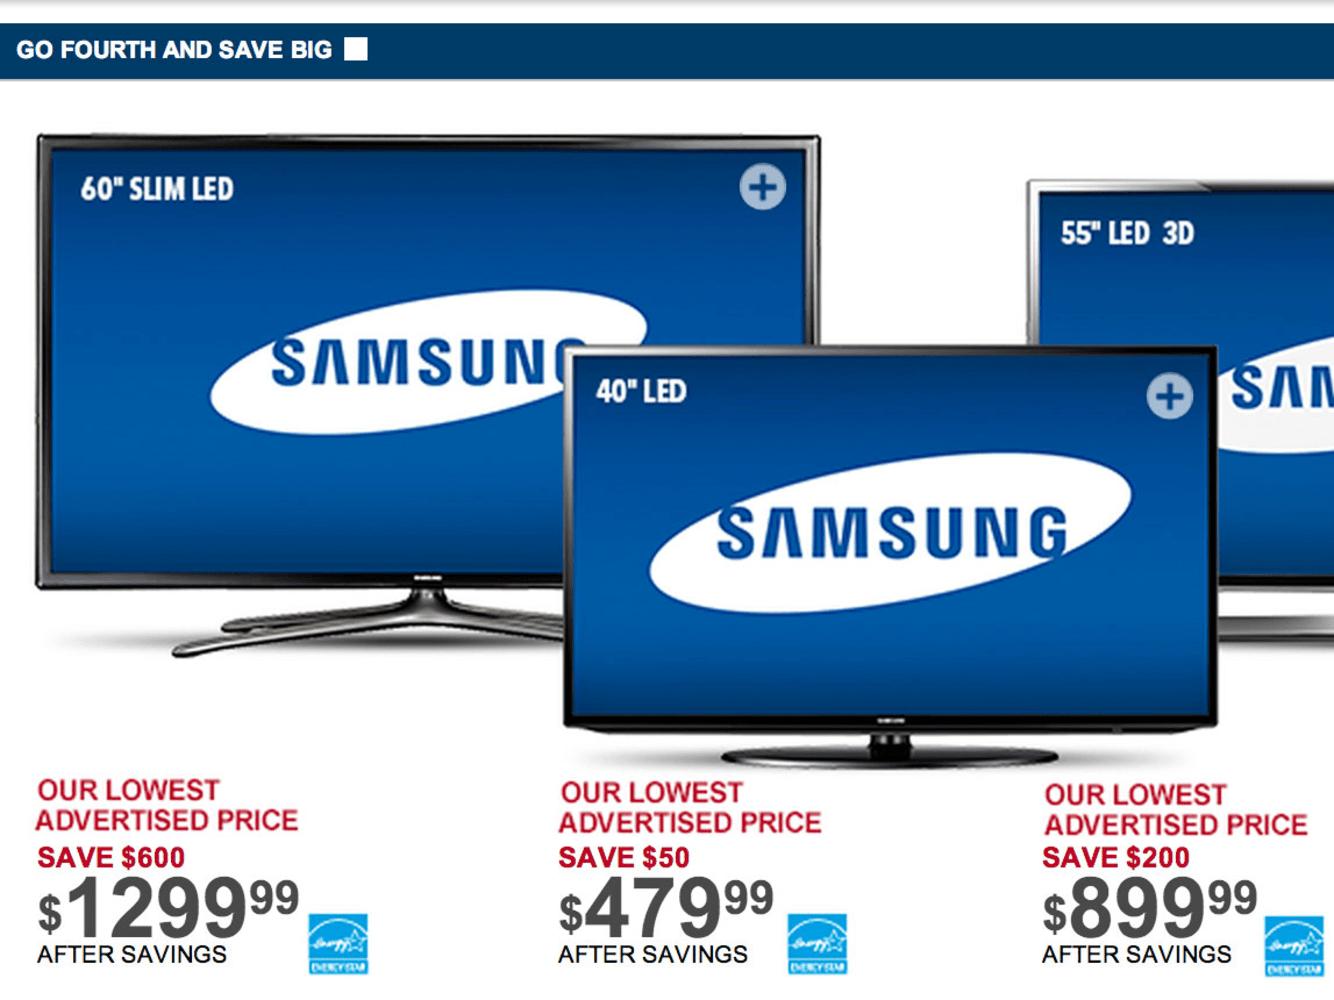 samsung tv deals. samsung tv deals in best buy website flyer tv nbc news